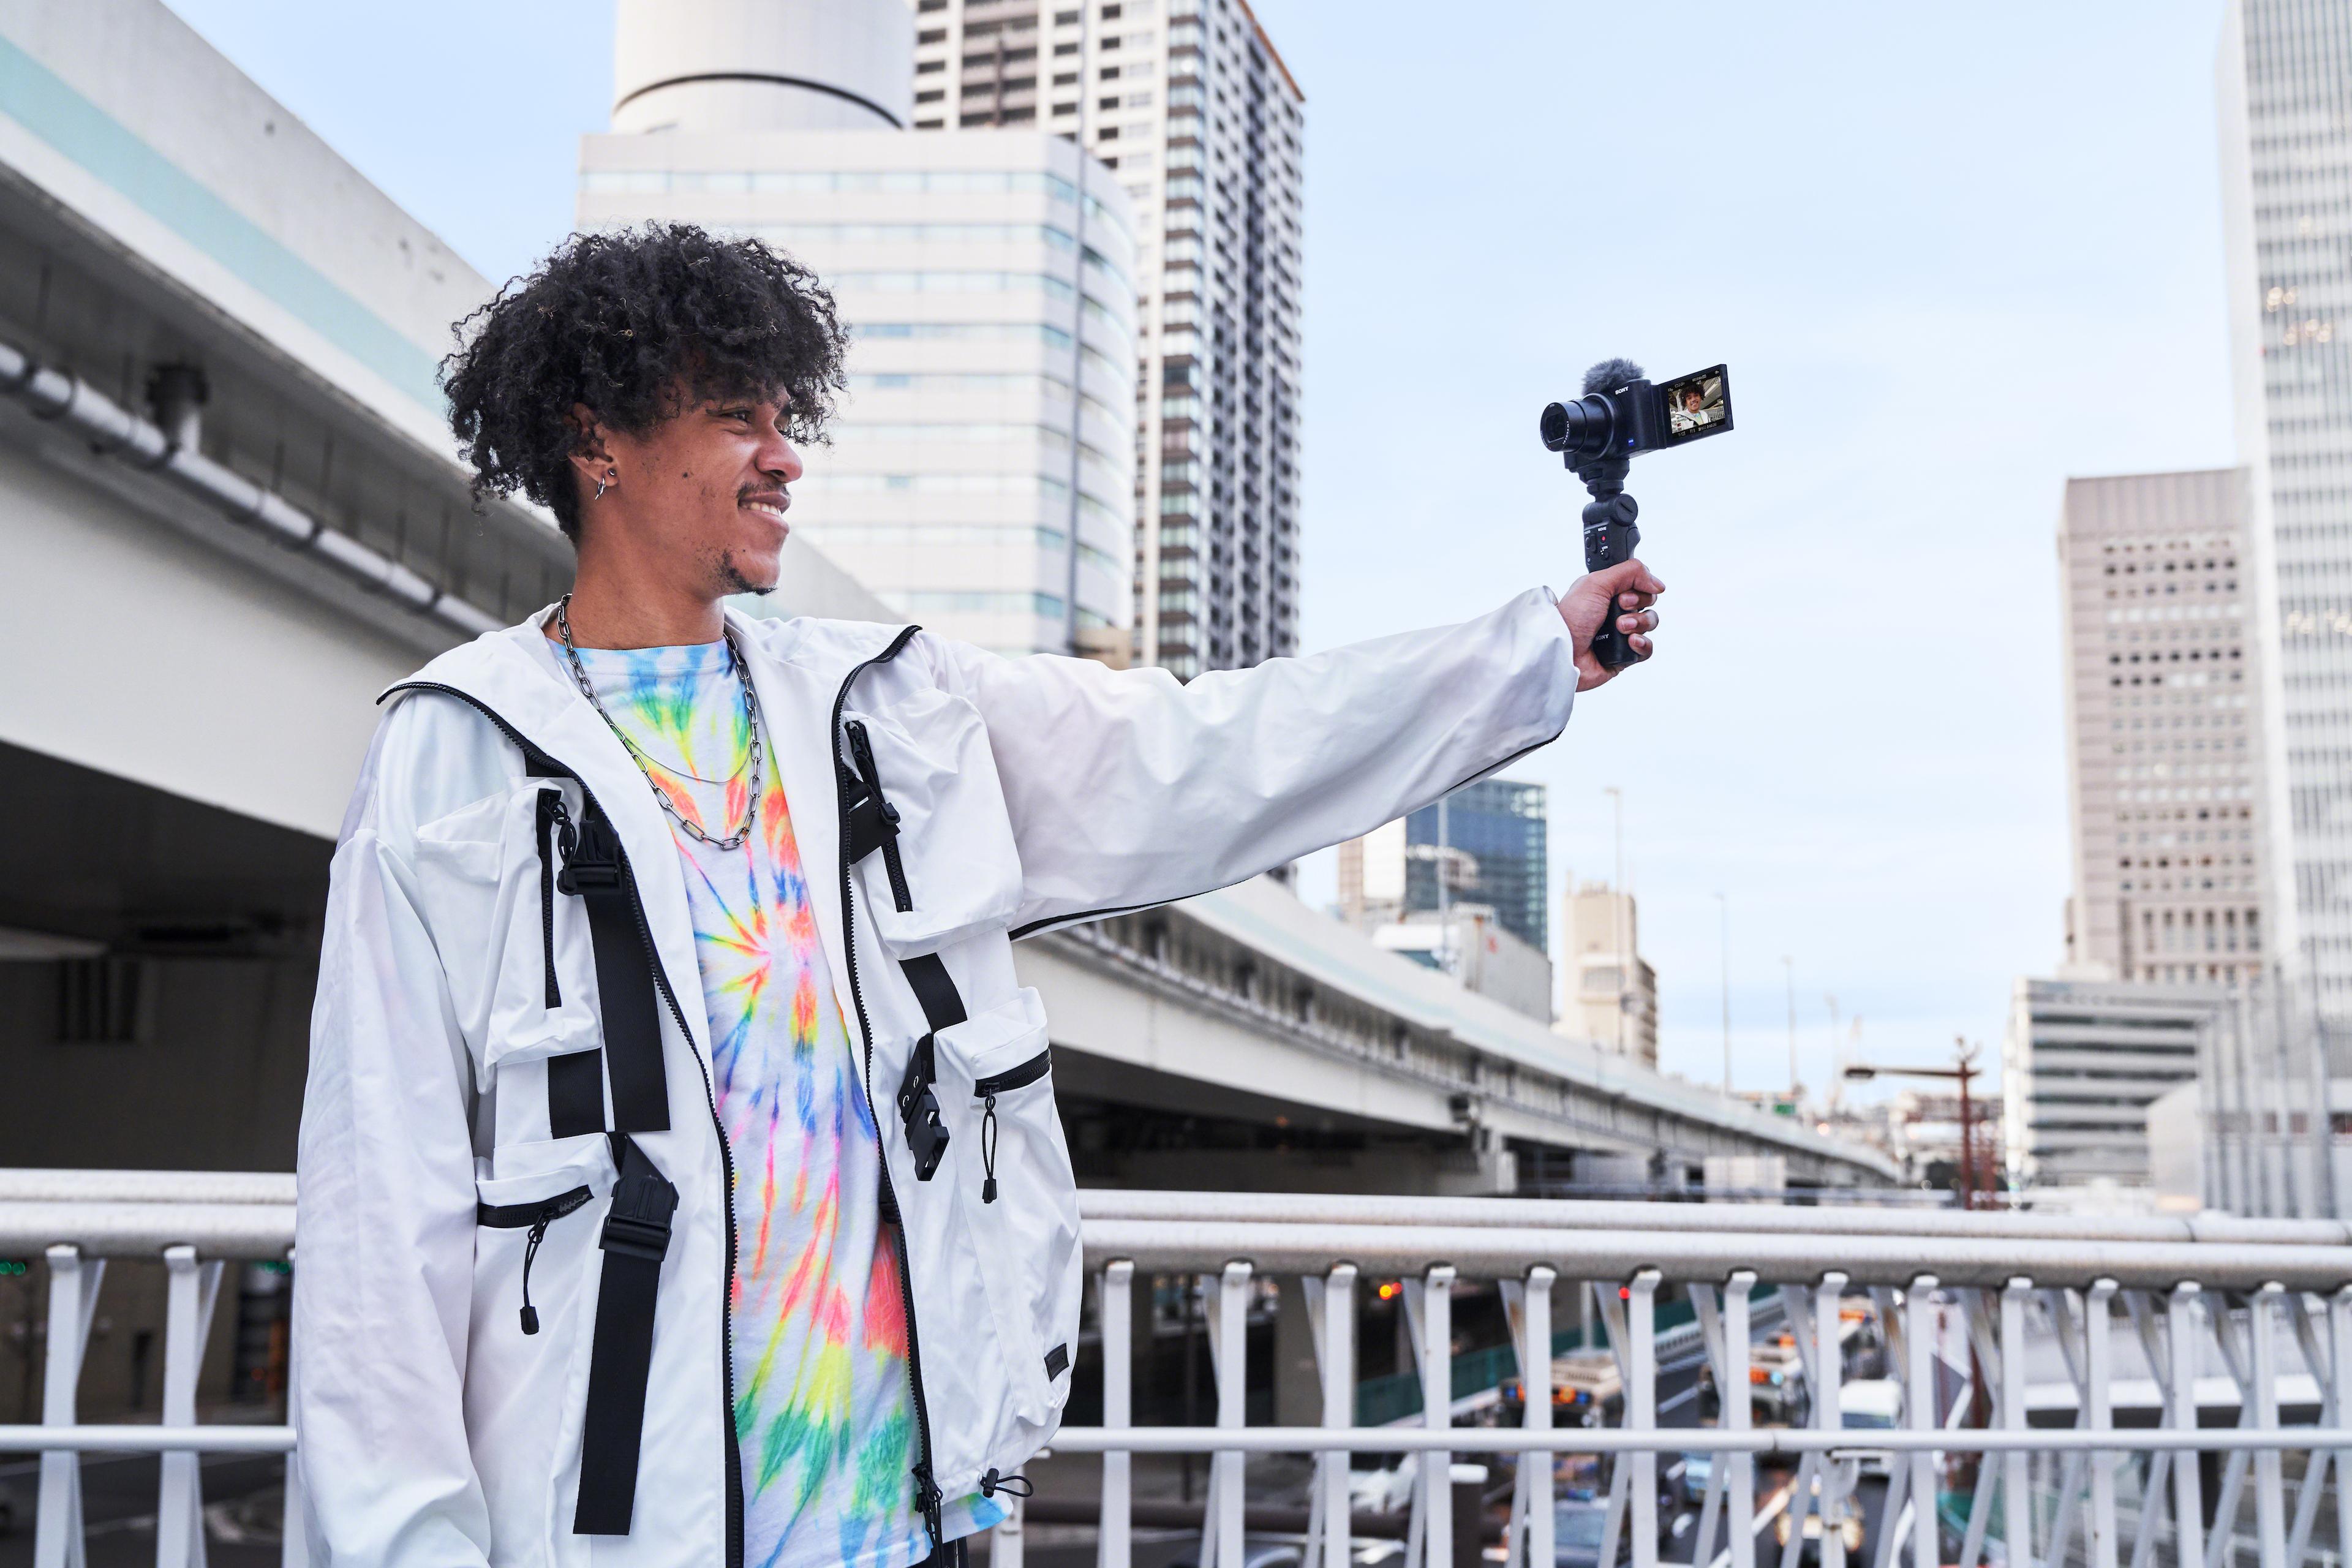 selfshooting vlogger